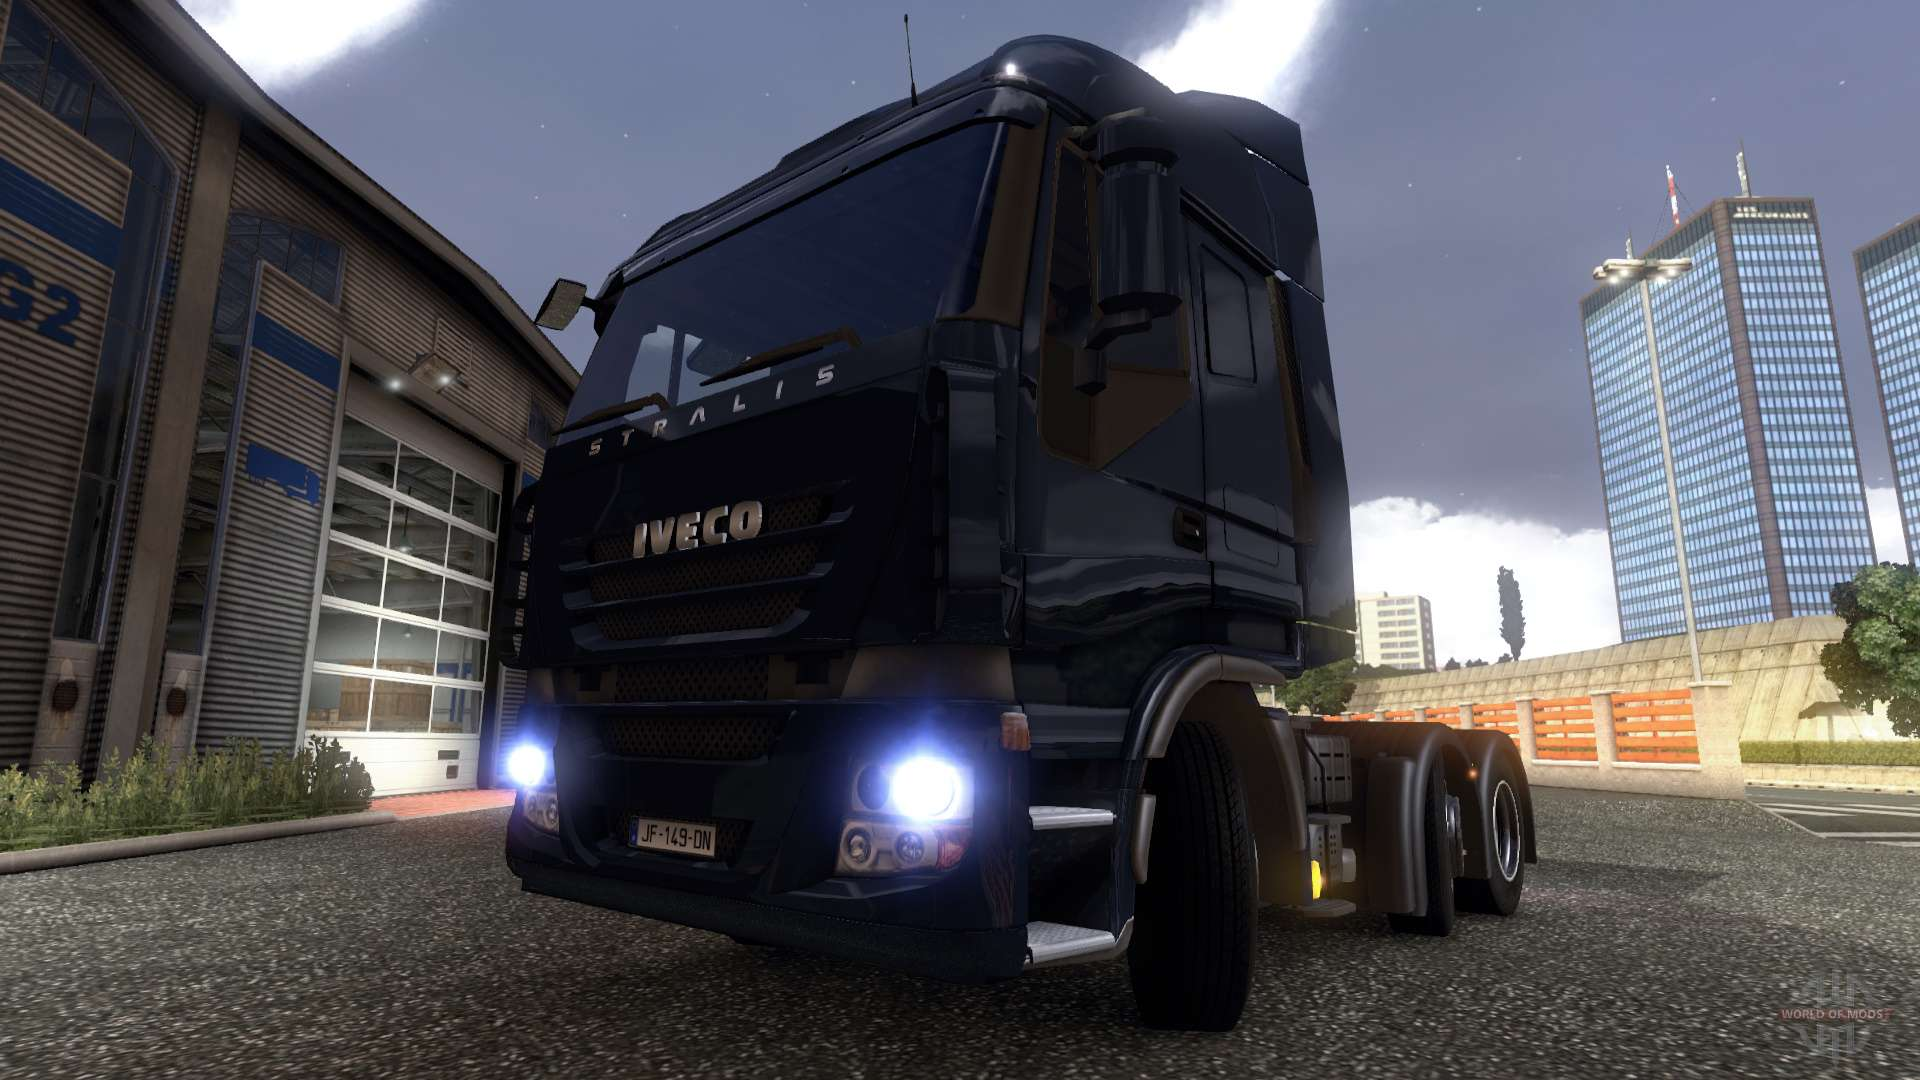 обновления!Несколько проверенных моды на грузовики в евро трек симулятор 2 этой категории нашего